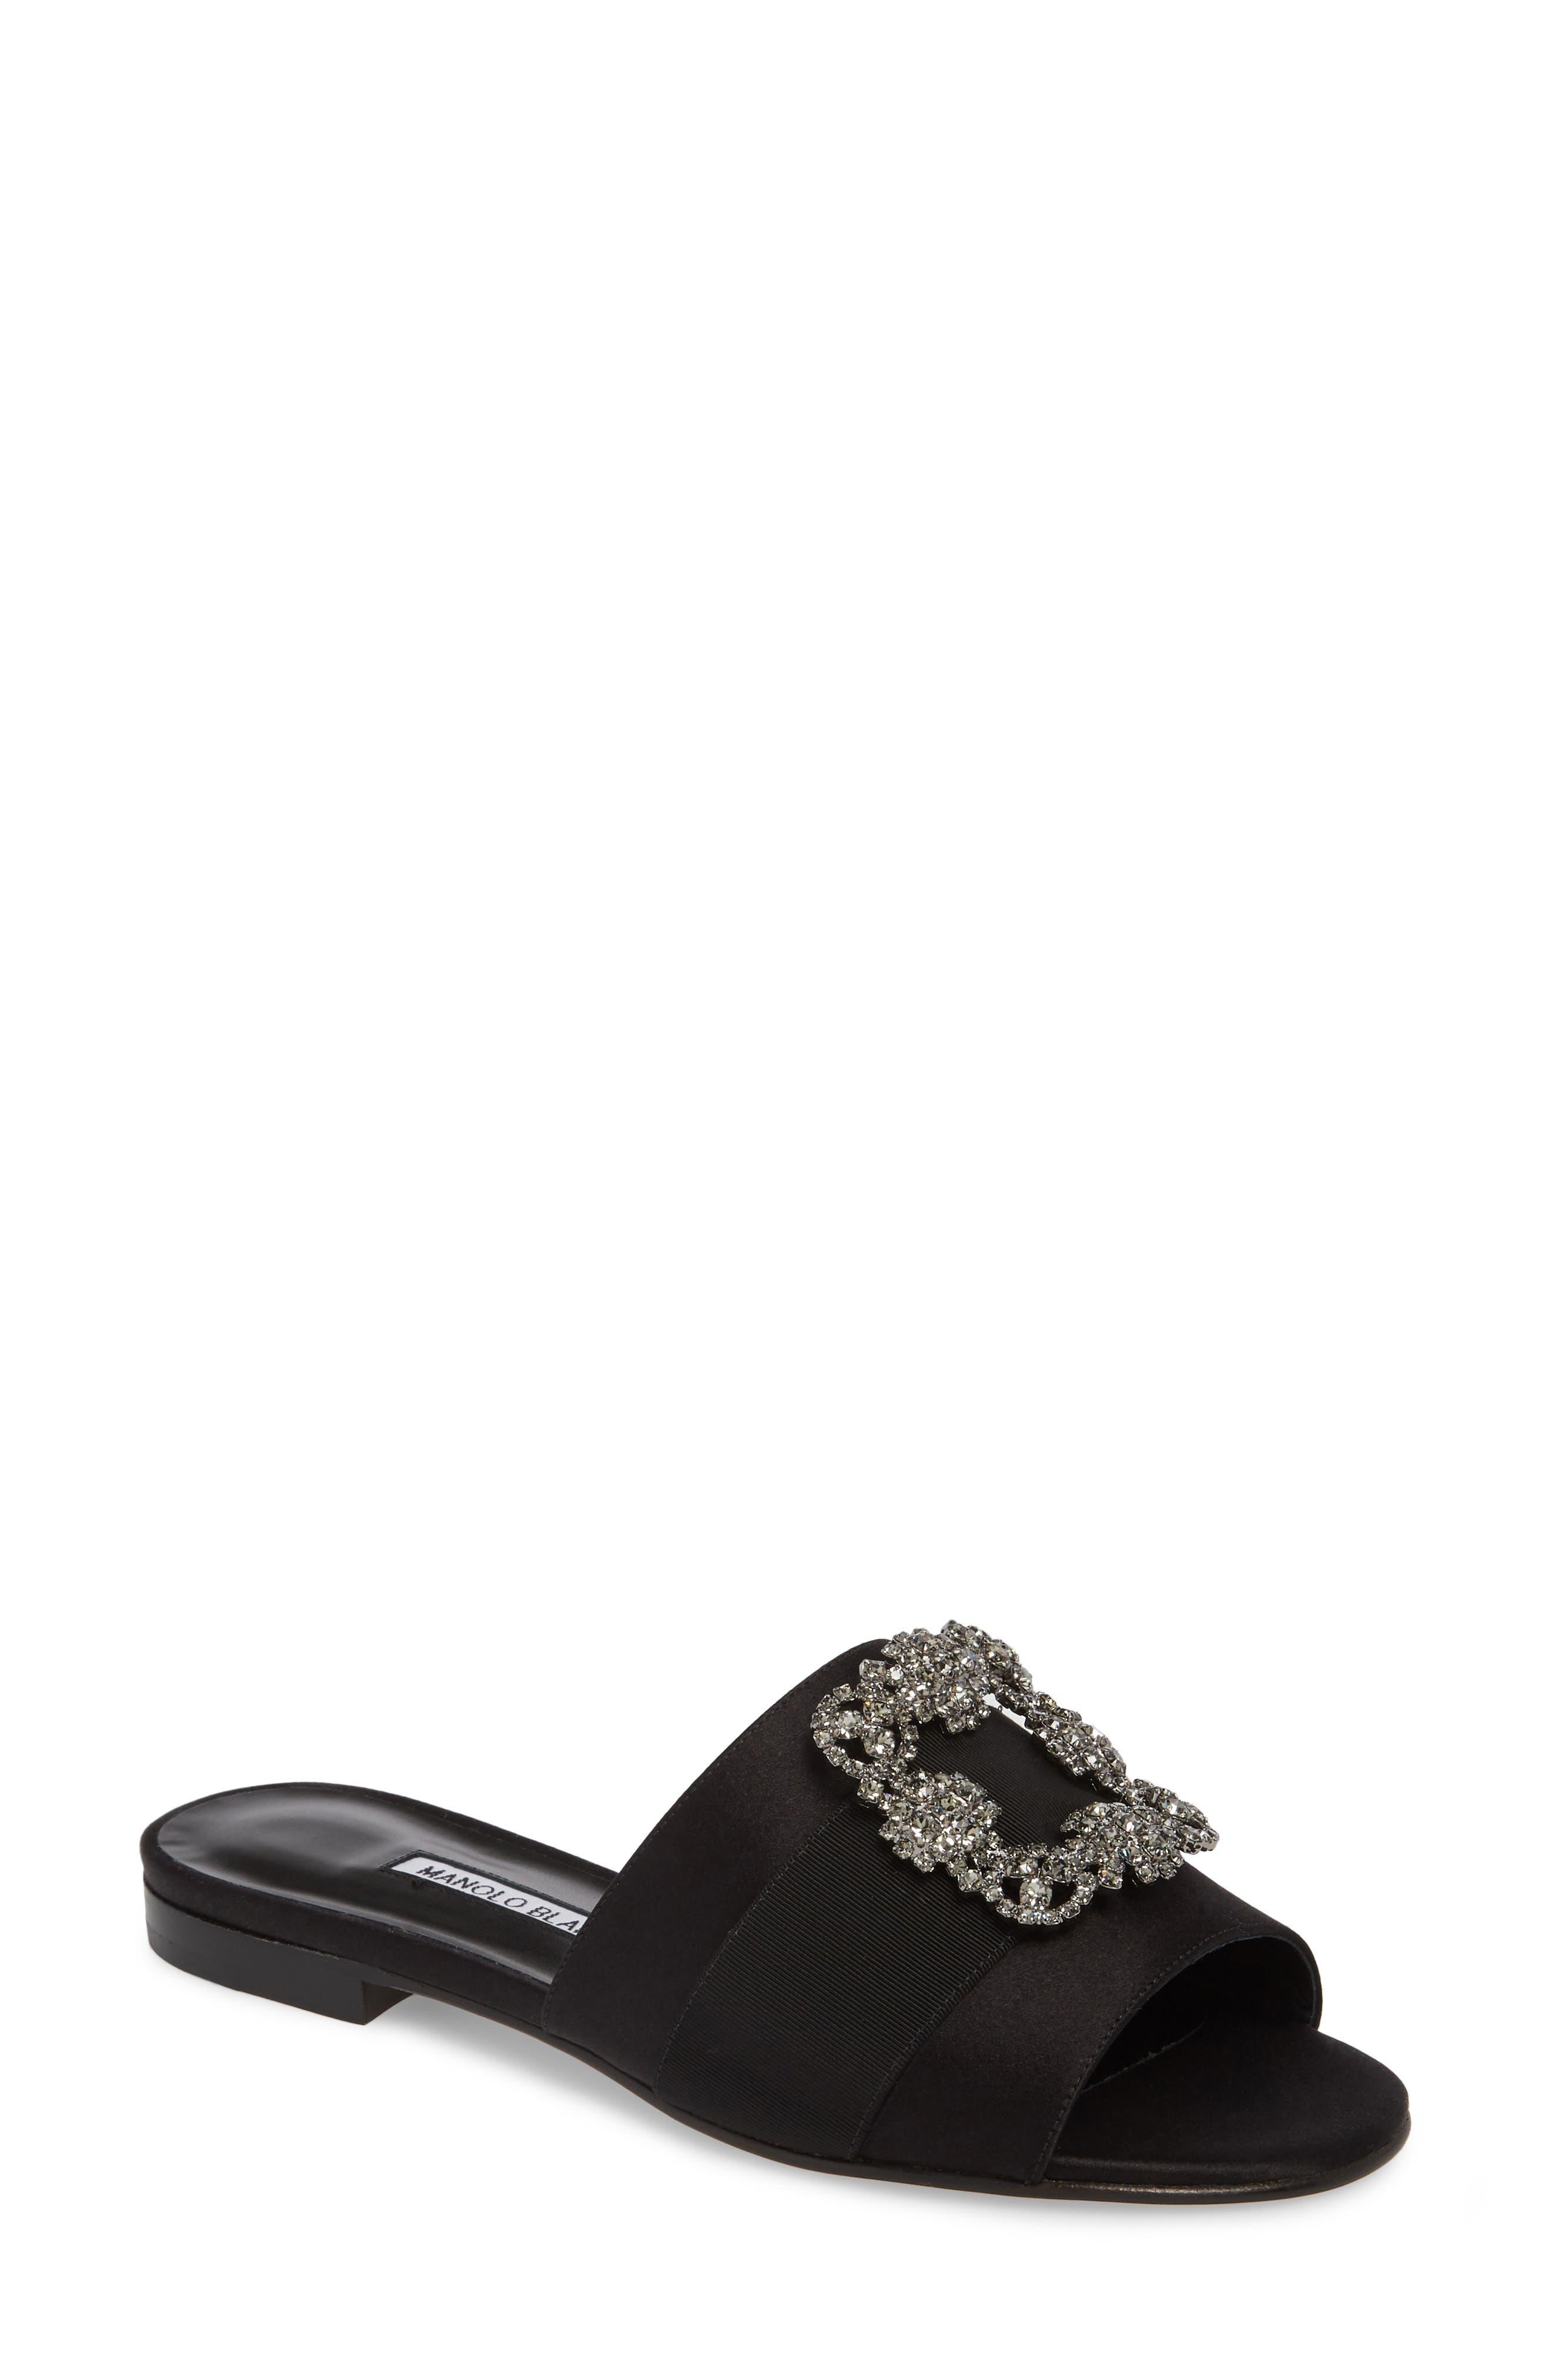 Alternate Image 1 Selected - Manolo Blahnik Martamod Crystal Embellished Slide Sandal (Women)